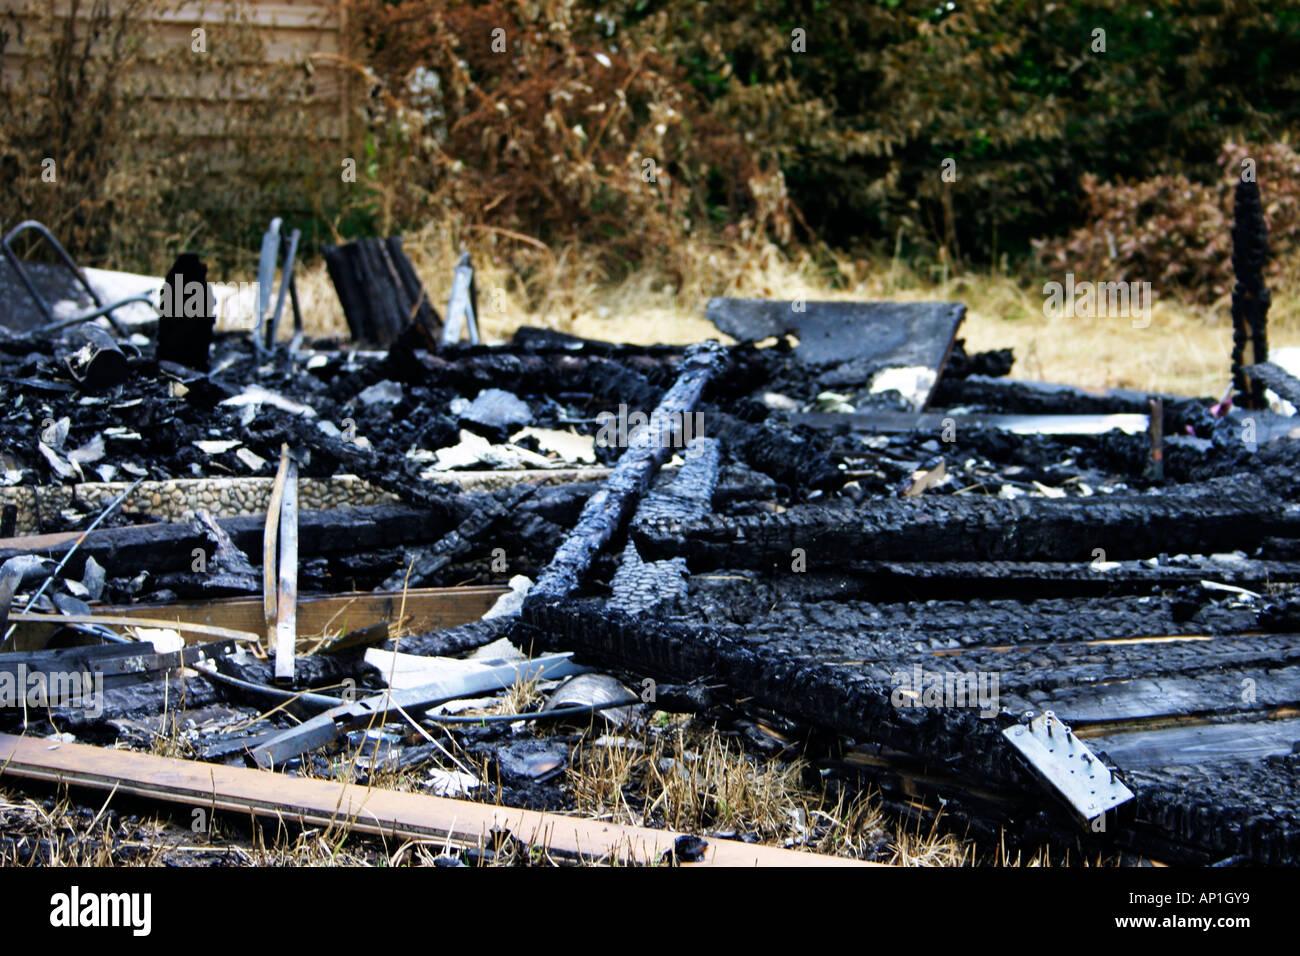 Burned house - Stock Image